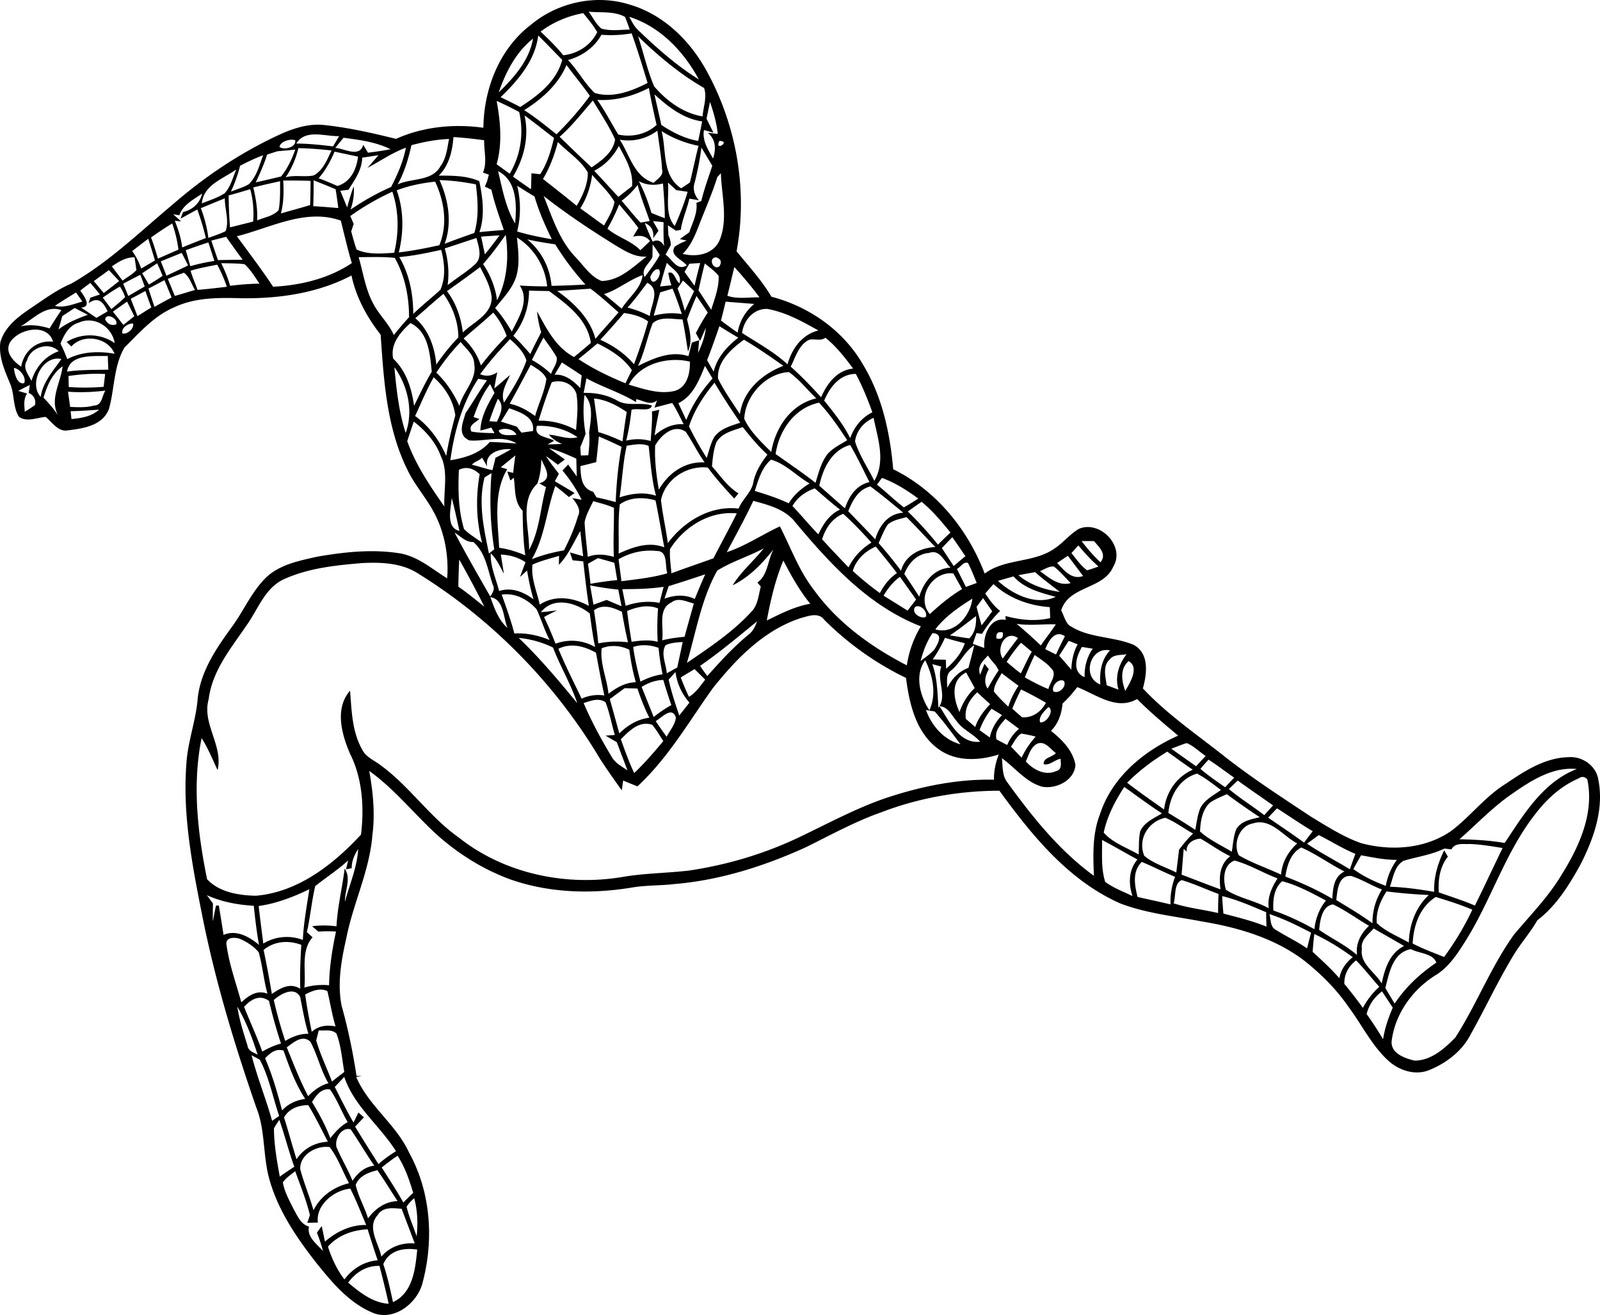 Раскраска для детей человек паук бесплатно